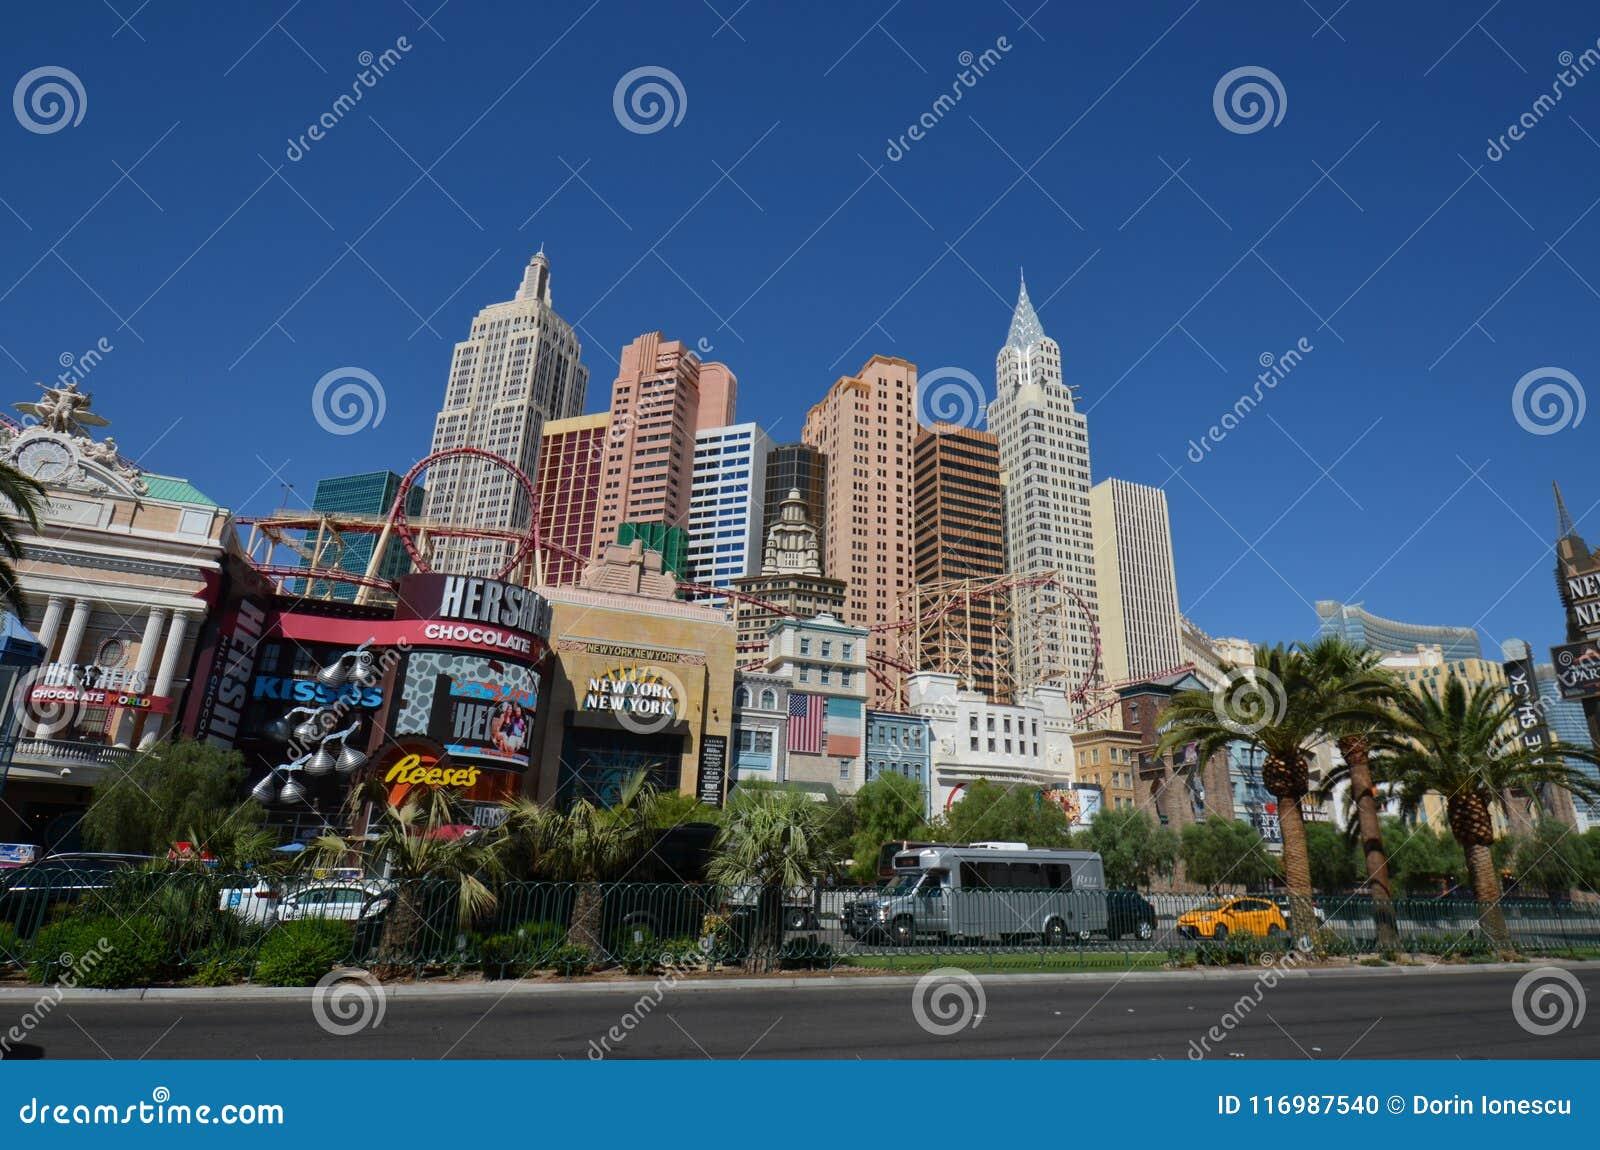 Νέες Υόρκη-νέες ξενοδοχείο της Υόρκης & χαρτοπαικτική λέσχη, μητροπολιτική περιοχή, πόλη, ορόσημο, ορίζοντας